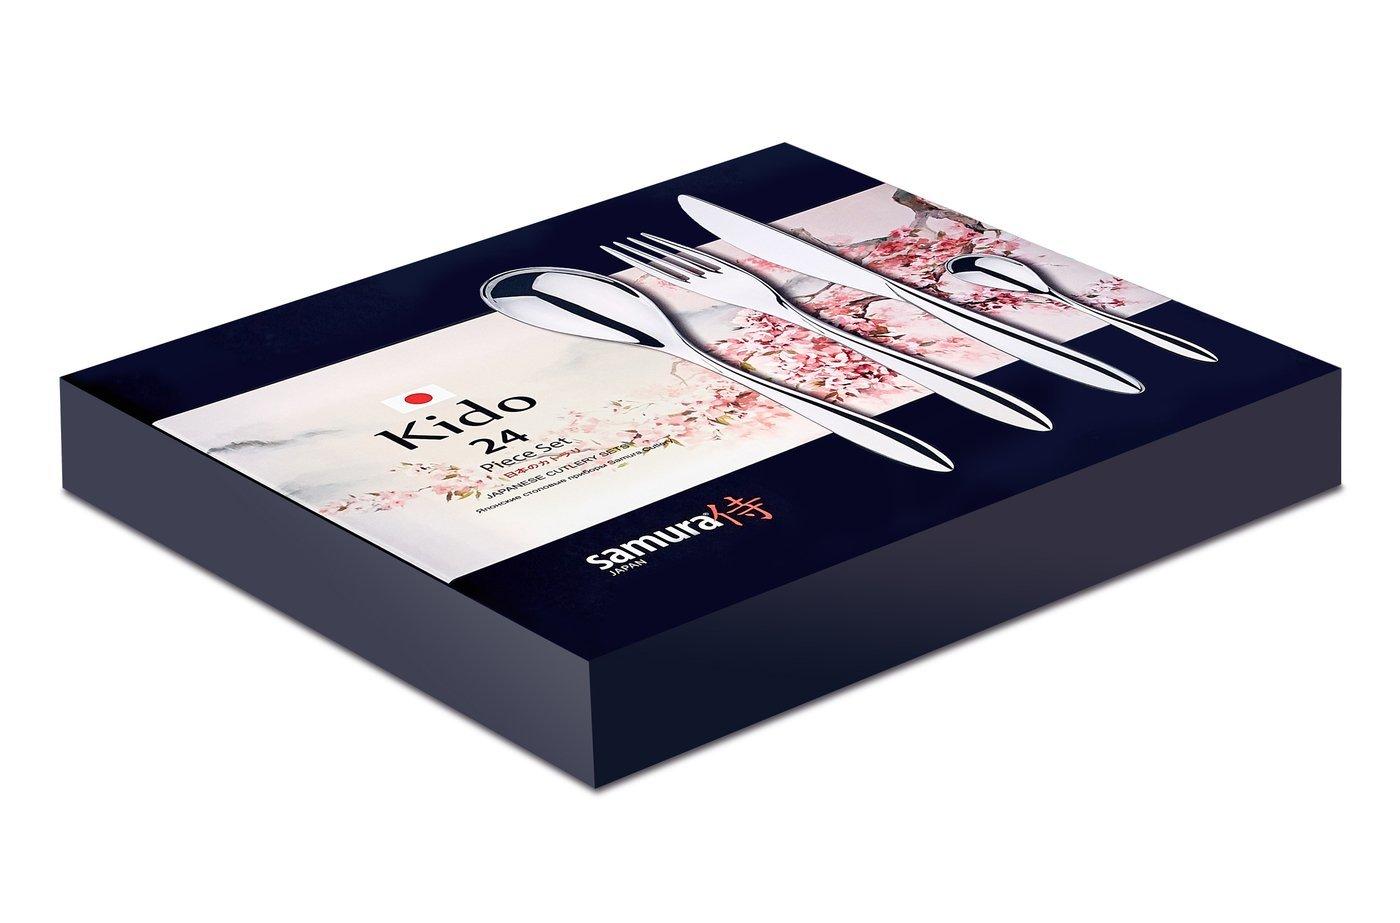 Набор столовых приборов (24 предмета) Samura Kido, легированная нержавеющая сталь 18/10